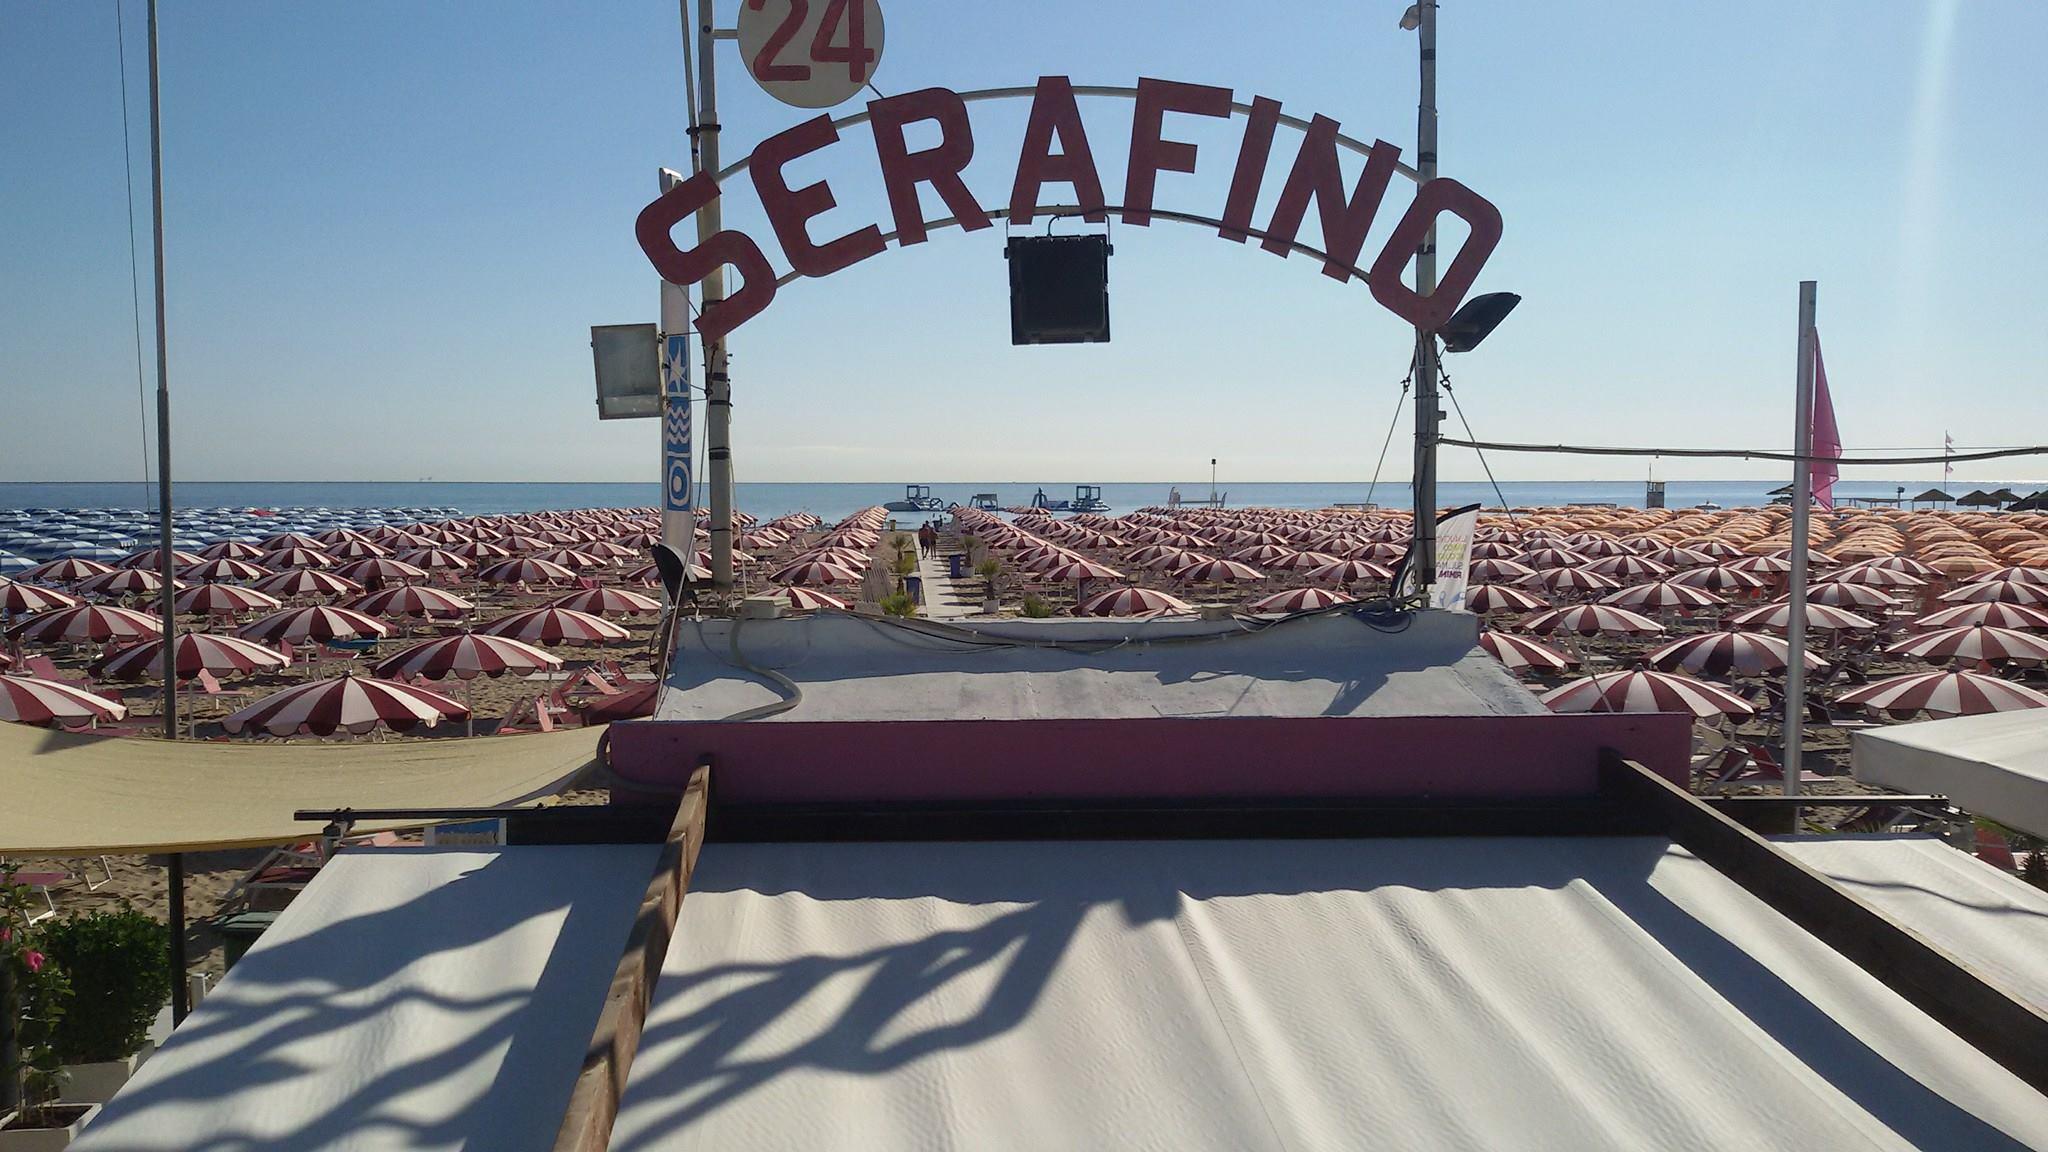 Bagno 24 Serafino